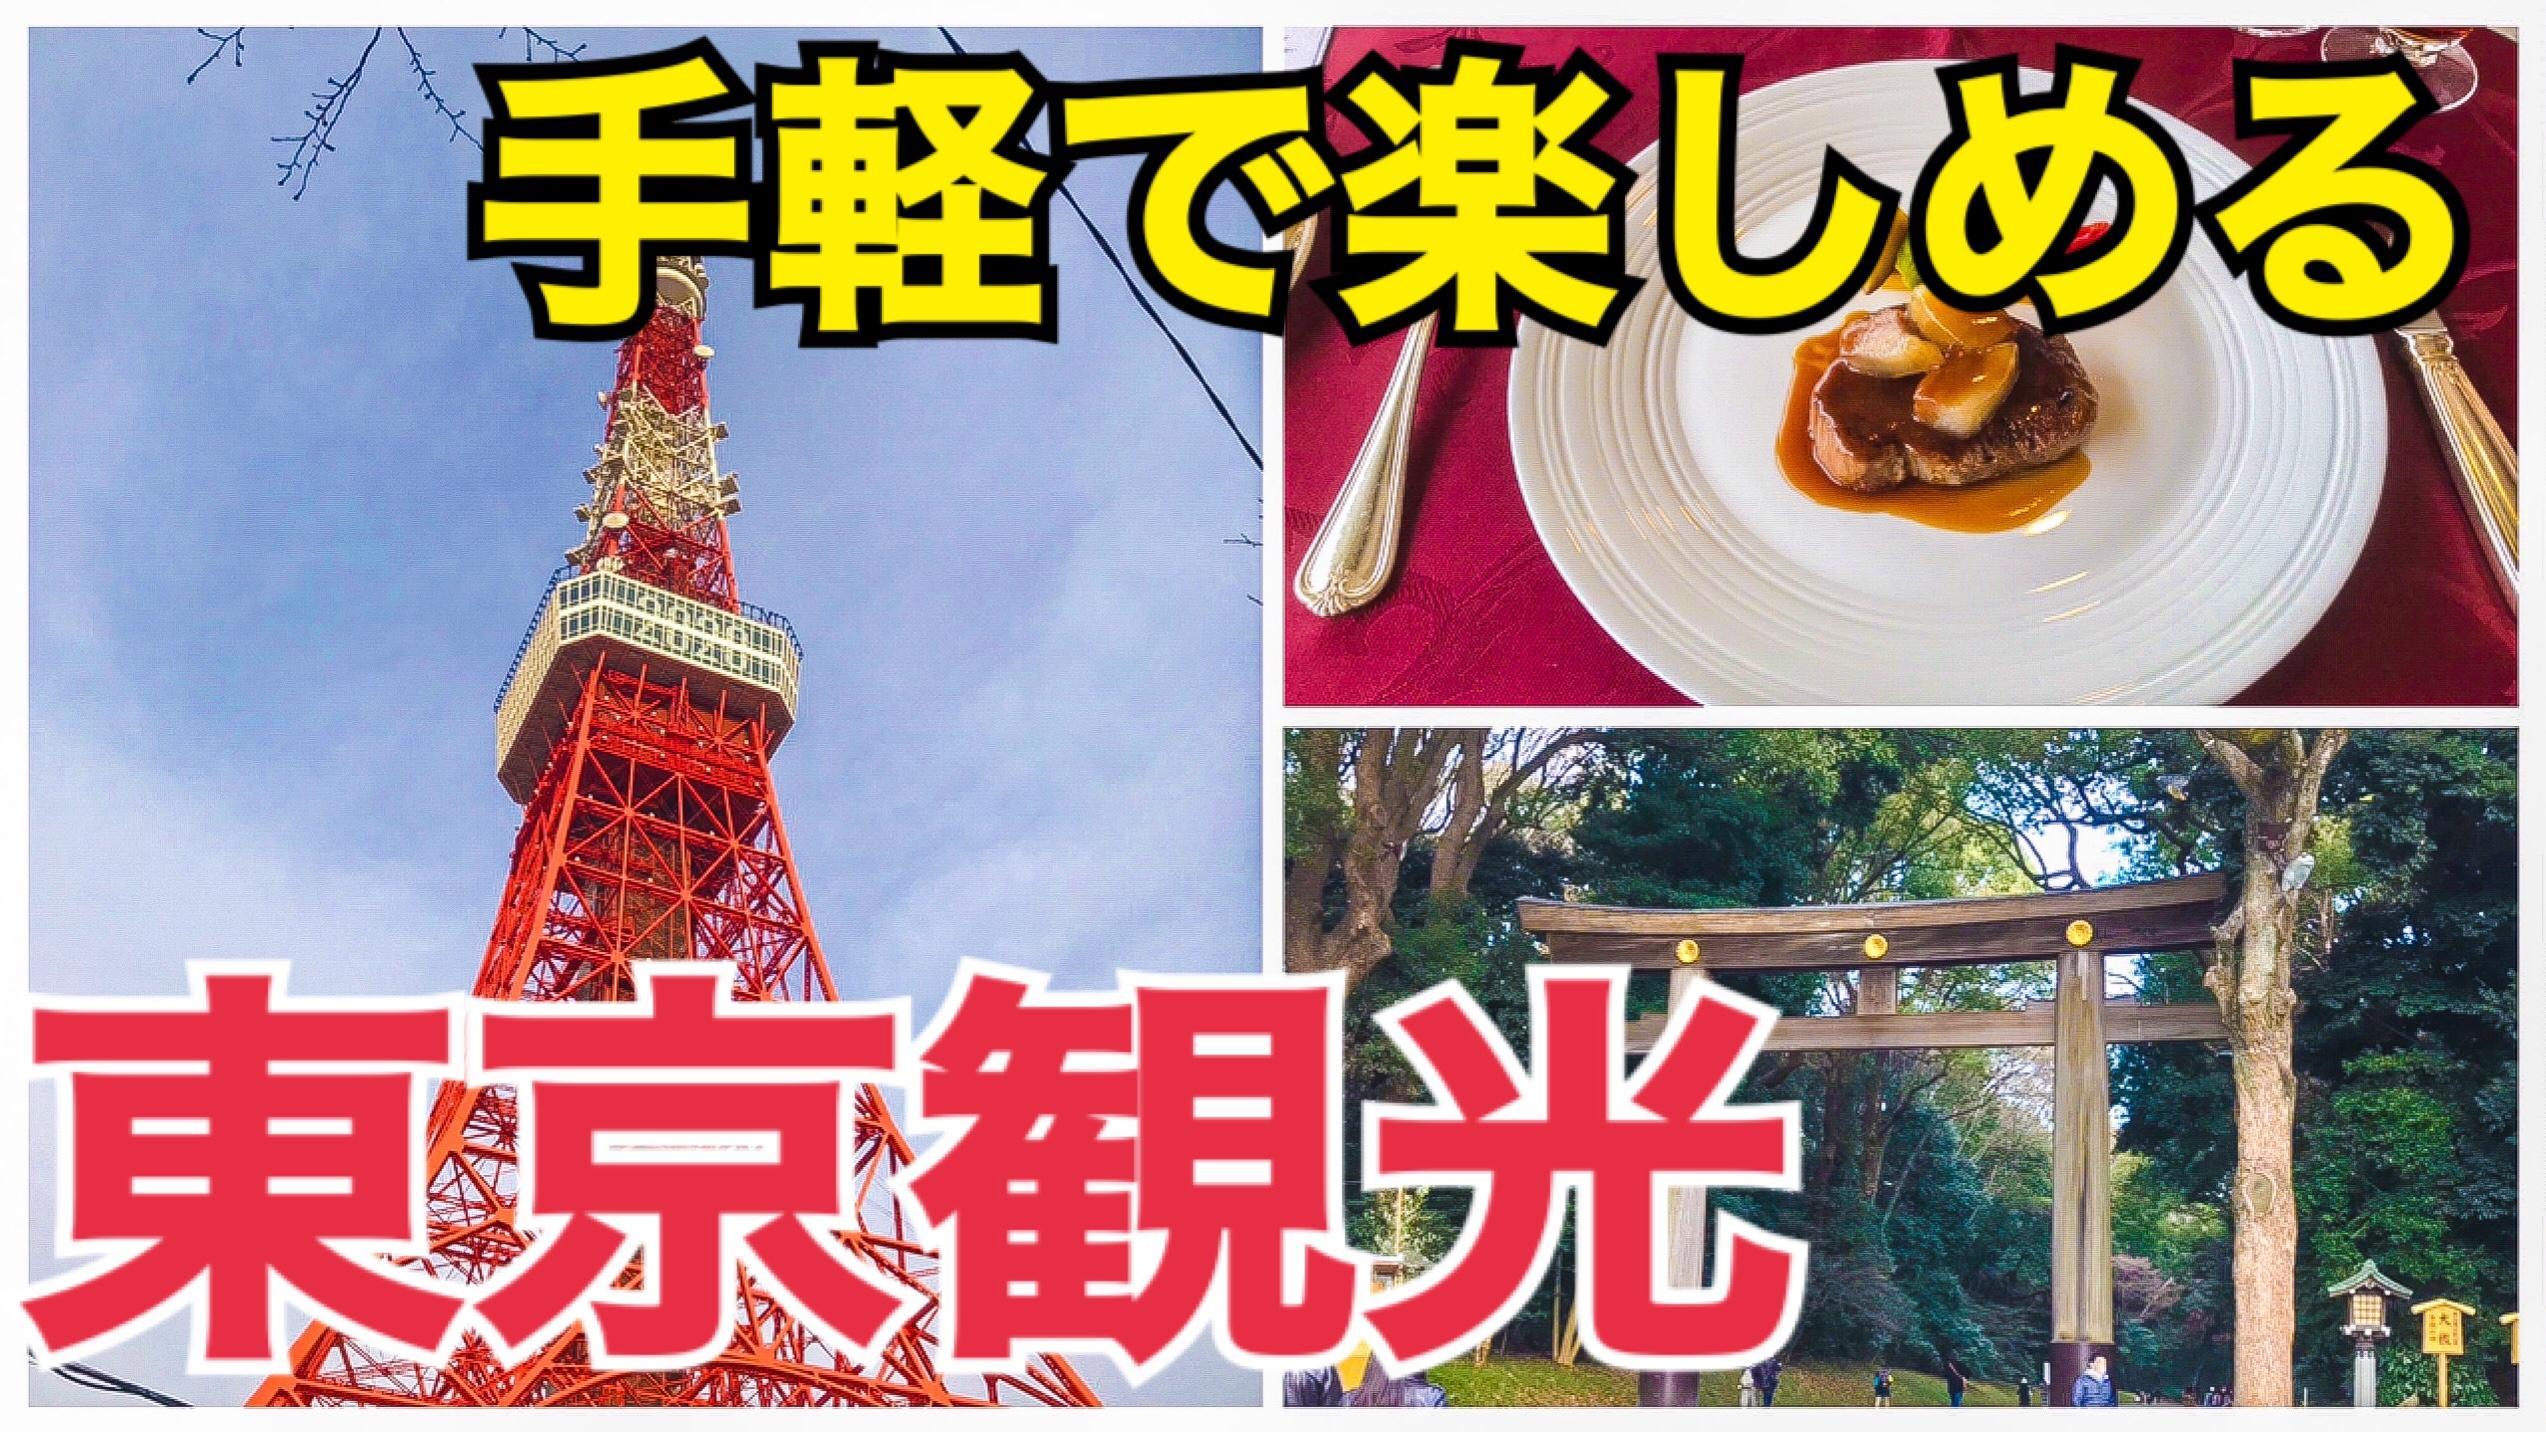 手軽なのに楽しめる!東京観光をしてきました!おすすめの観光スポットを紹介します!【関東満喫の旅】